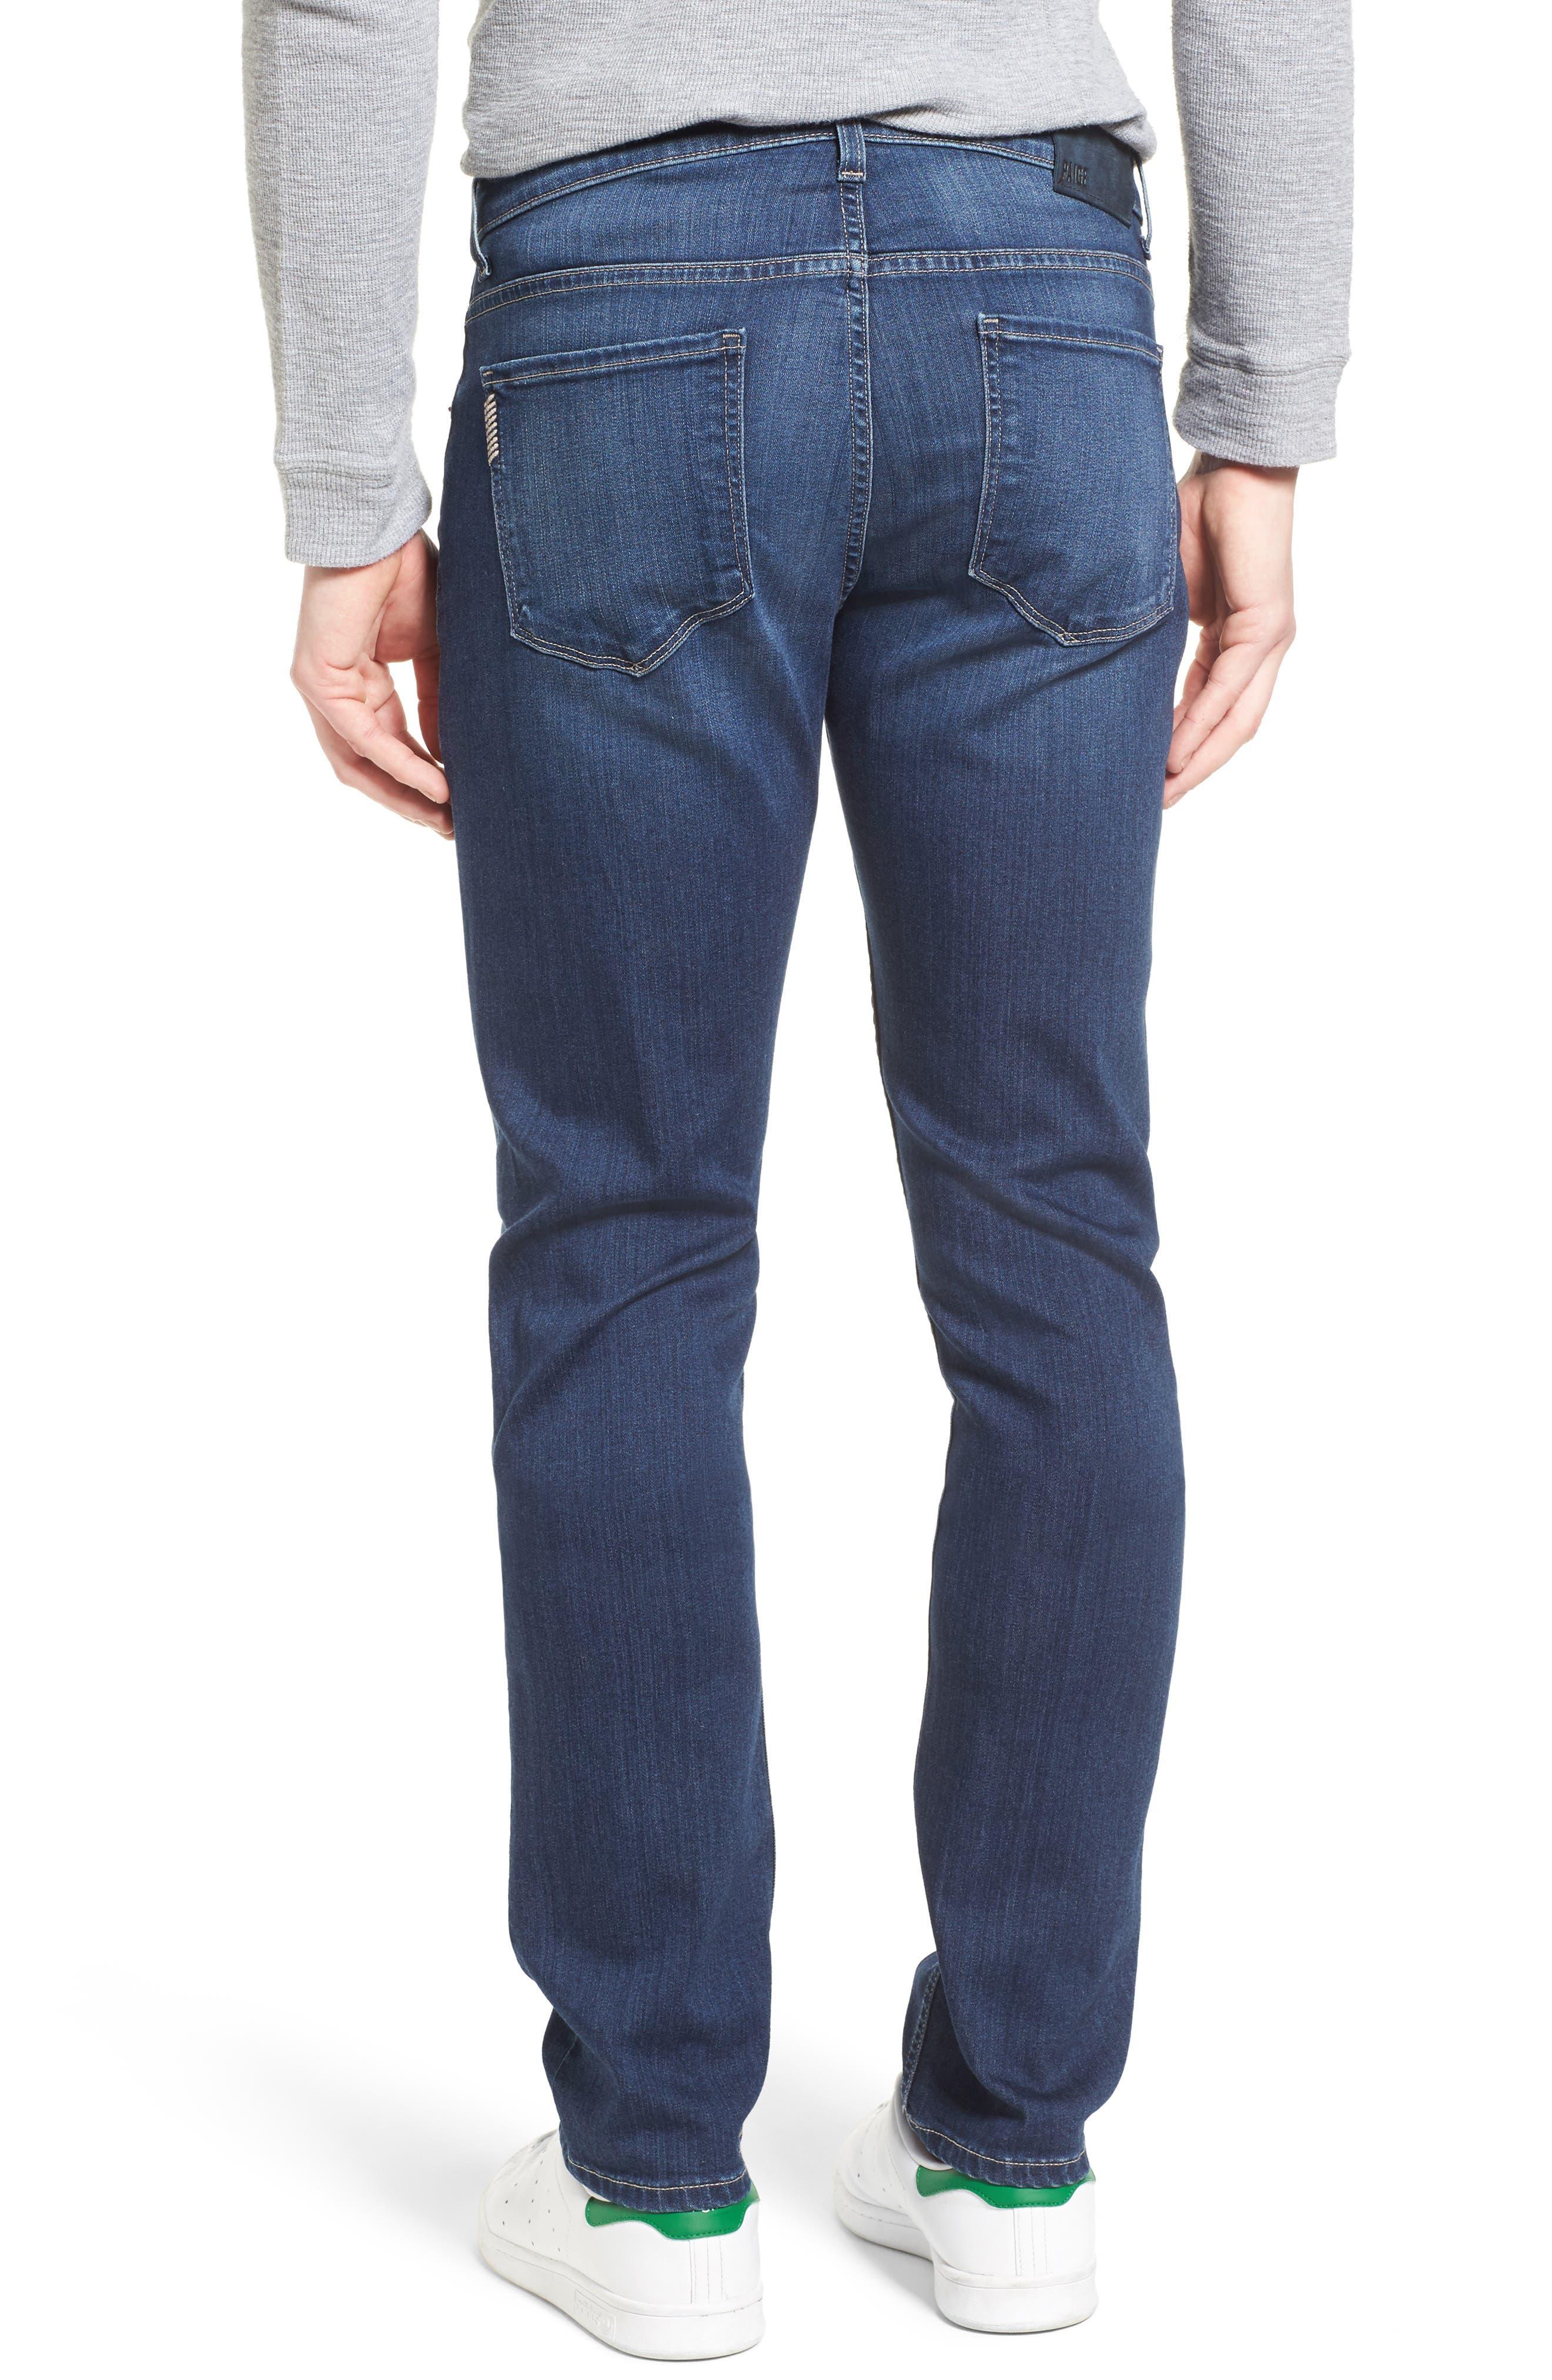 Transcend - Lennox Straight Leg Jeans,                             Alternate thumbnail 2, color,                             400